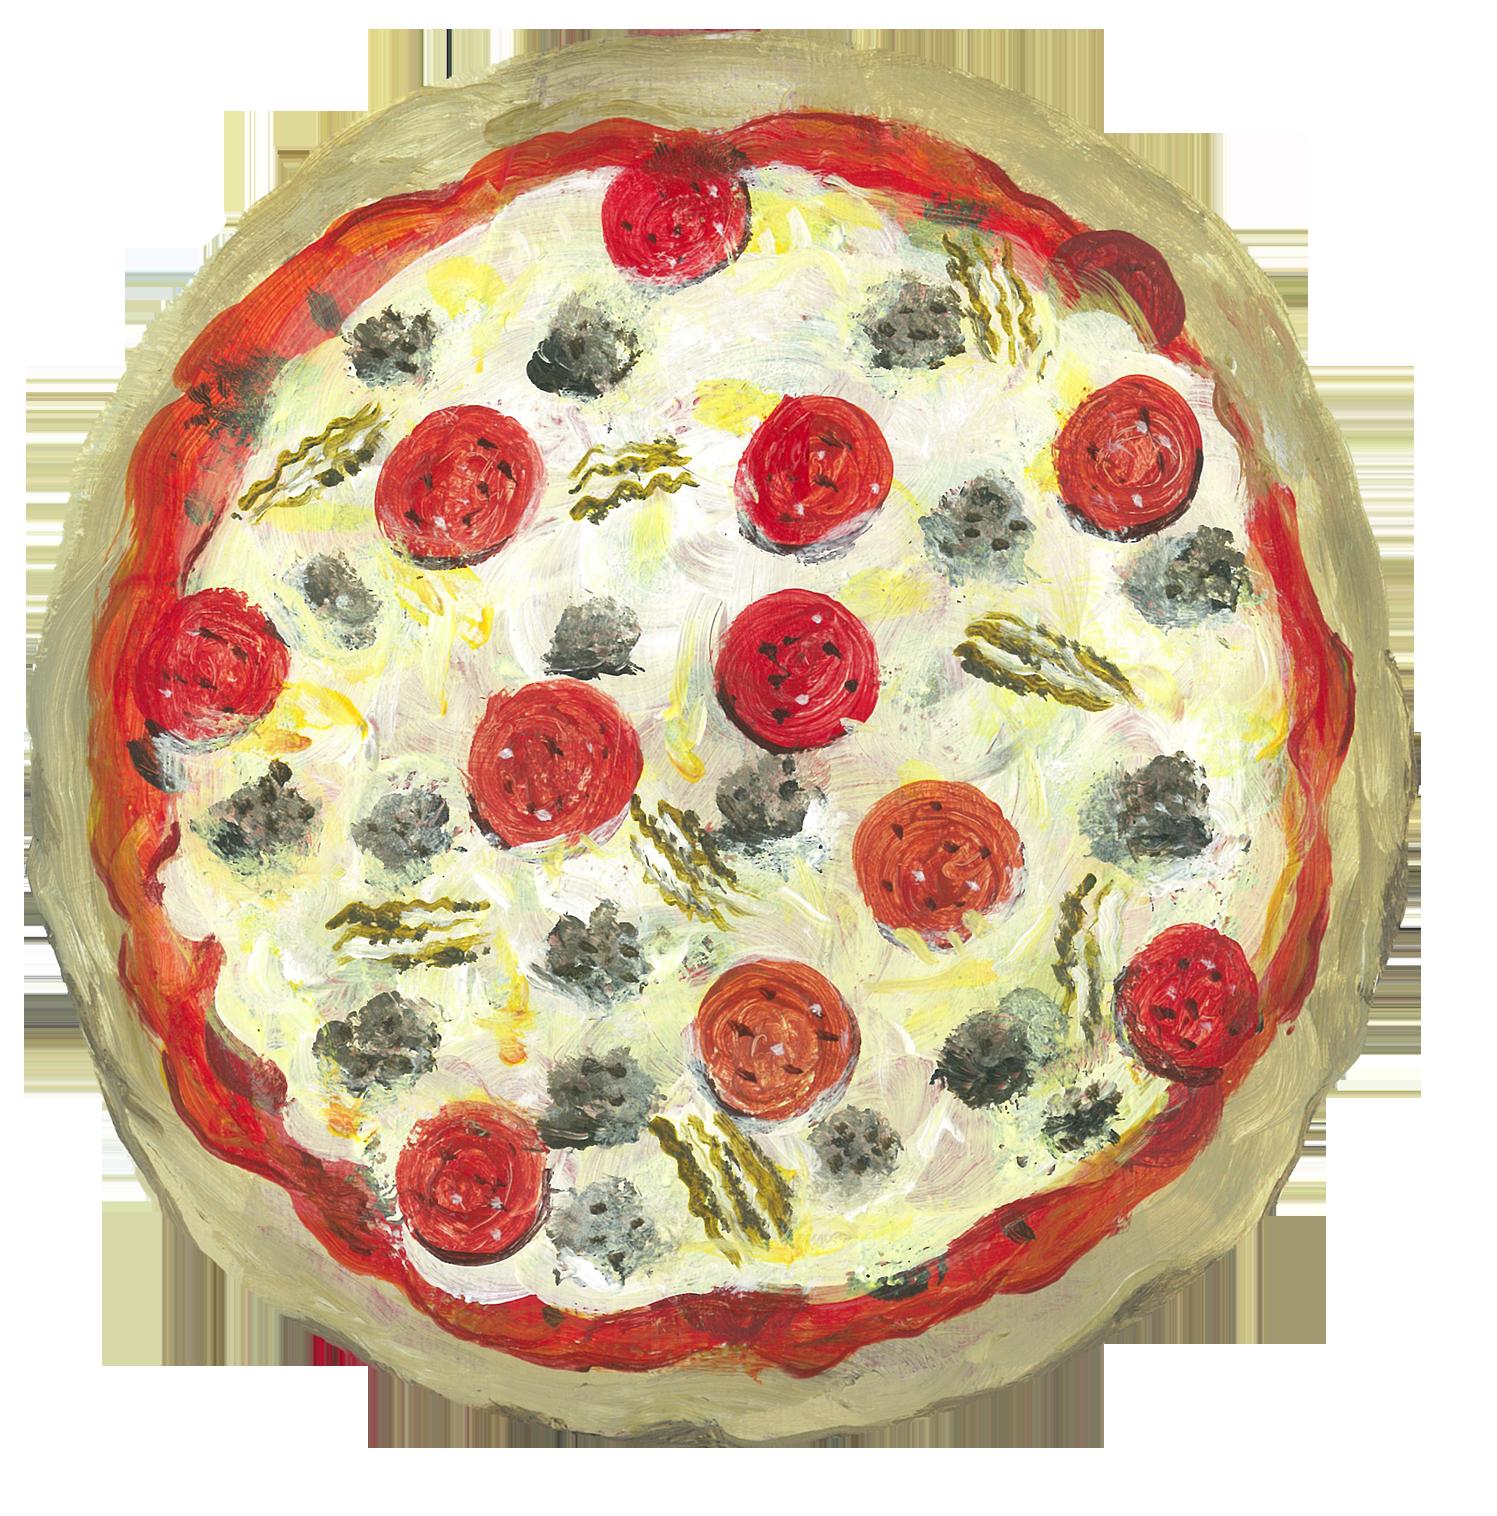 Triple Meat Pizza